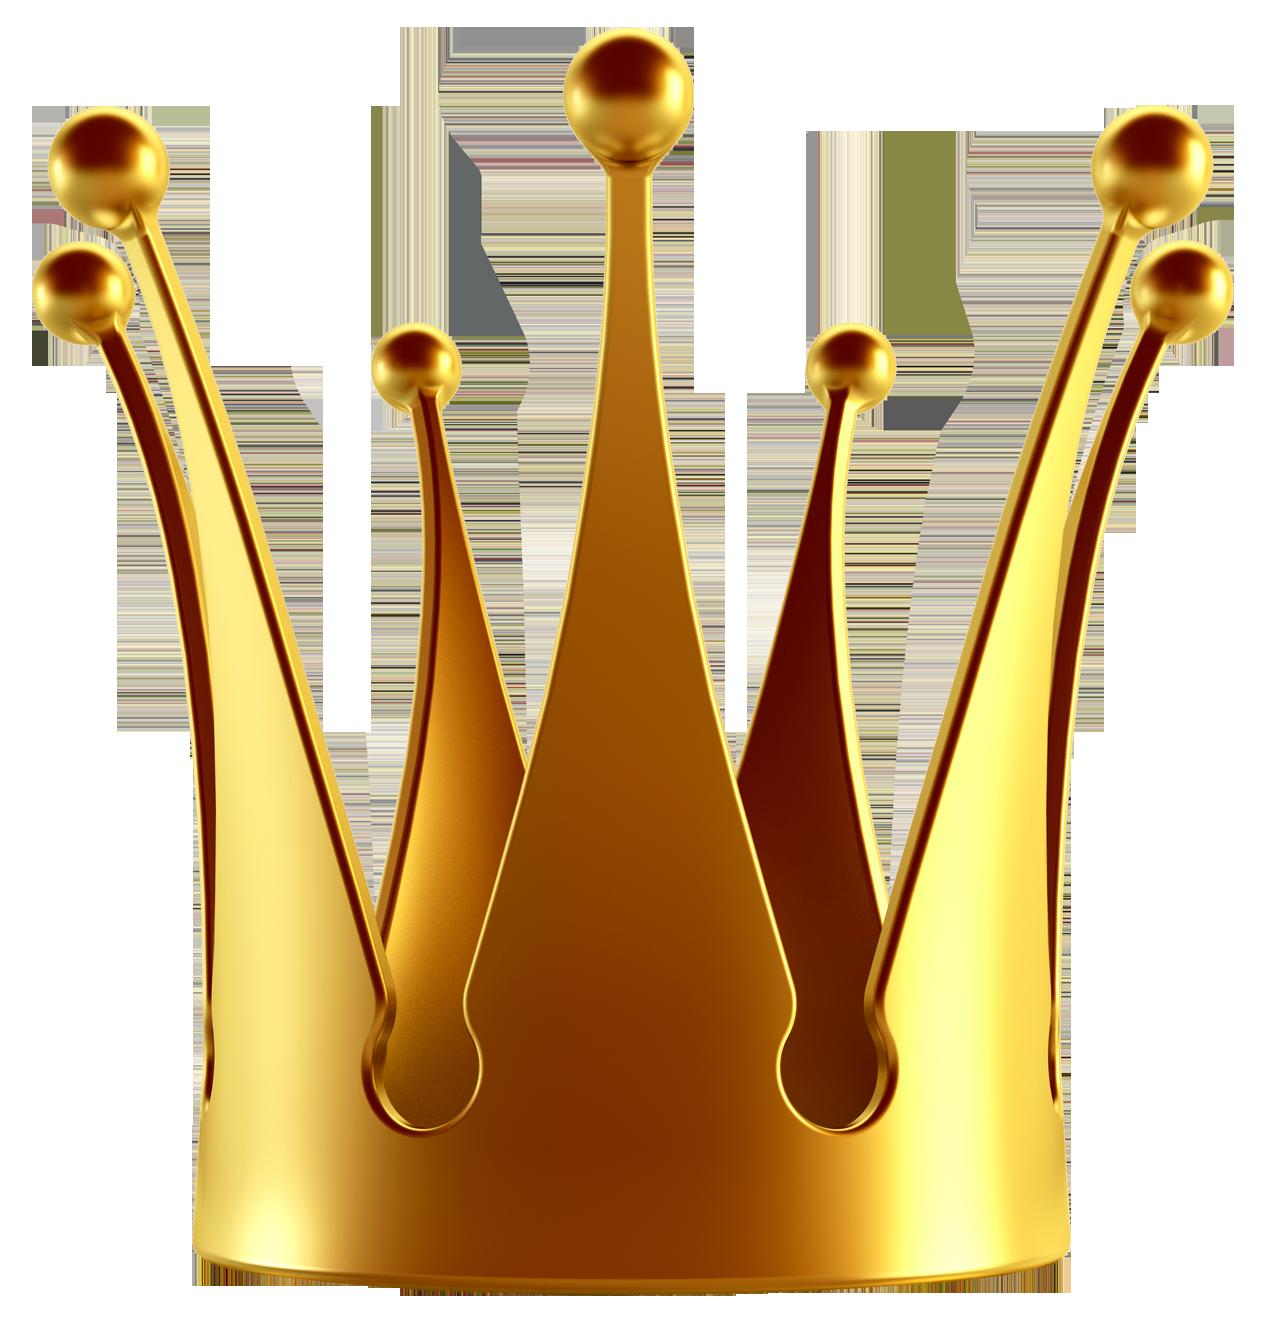 своим цветом картинка сабир корона опыт